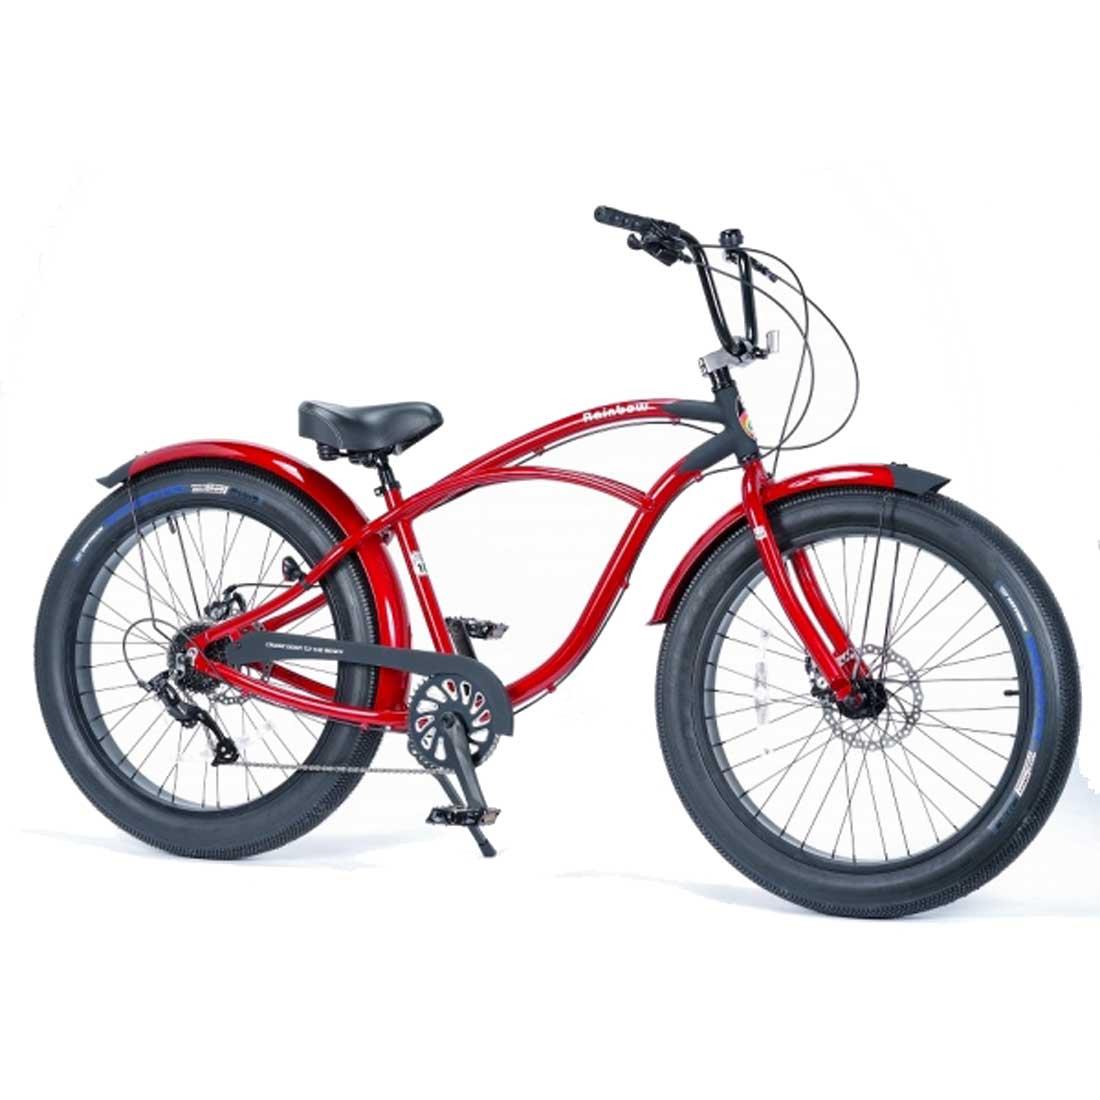 ビーチクルーザー 26インチ ファットバイク アルミフレーム 自転車 通勤 通学 レインボービーチクルーザー GREASE-3.5 マーシャル メンズ レディース